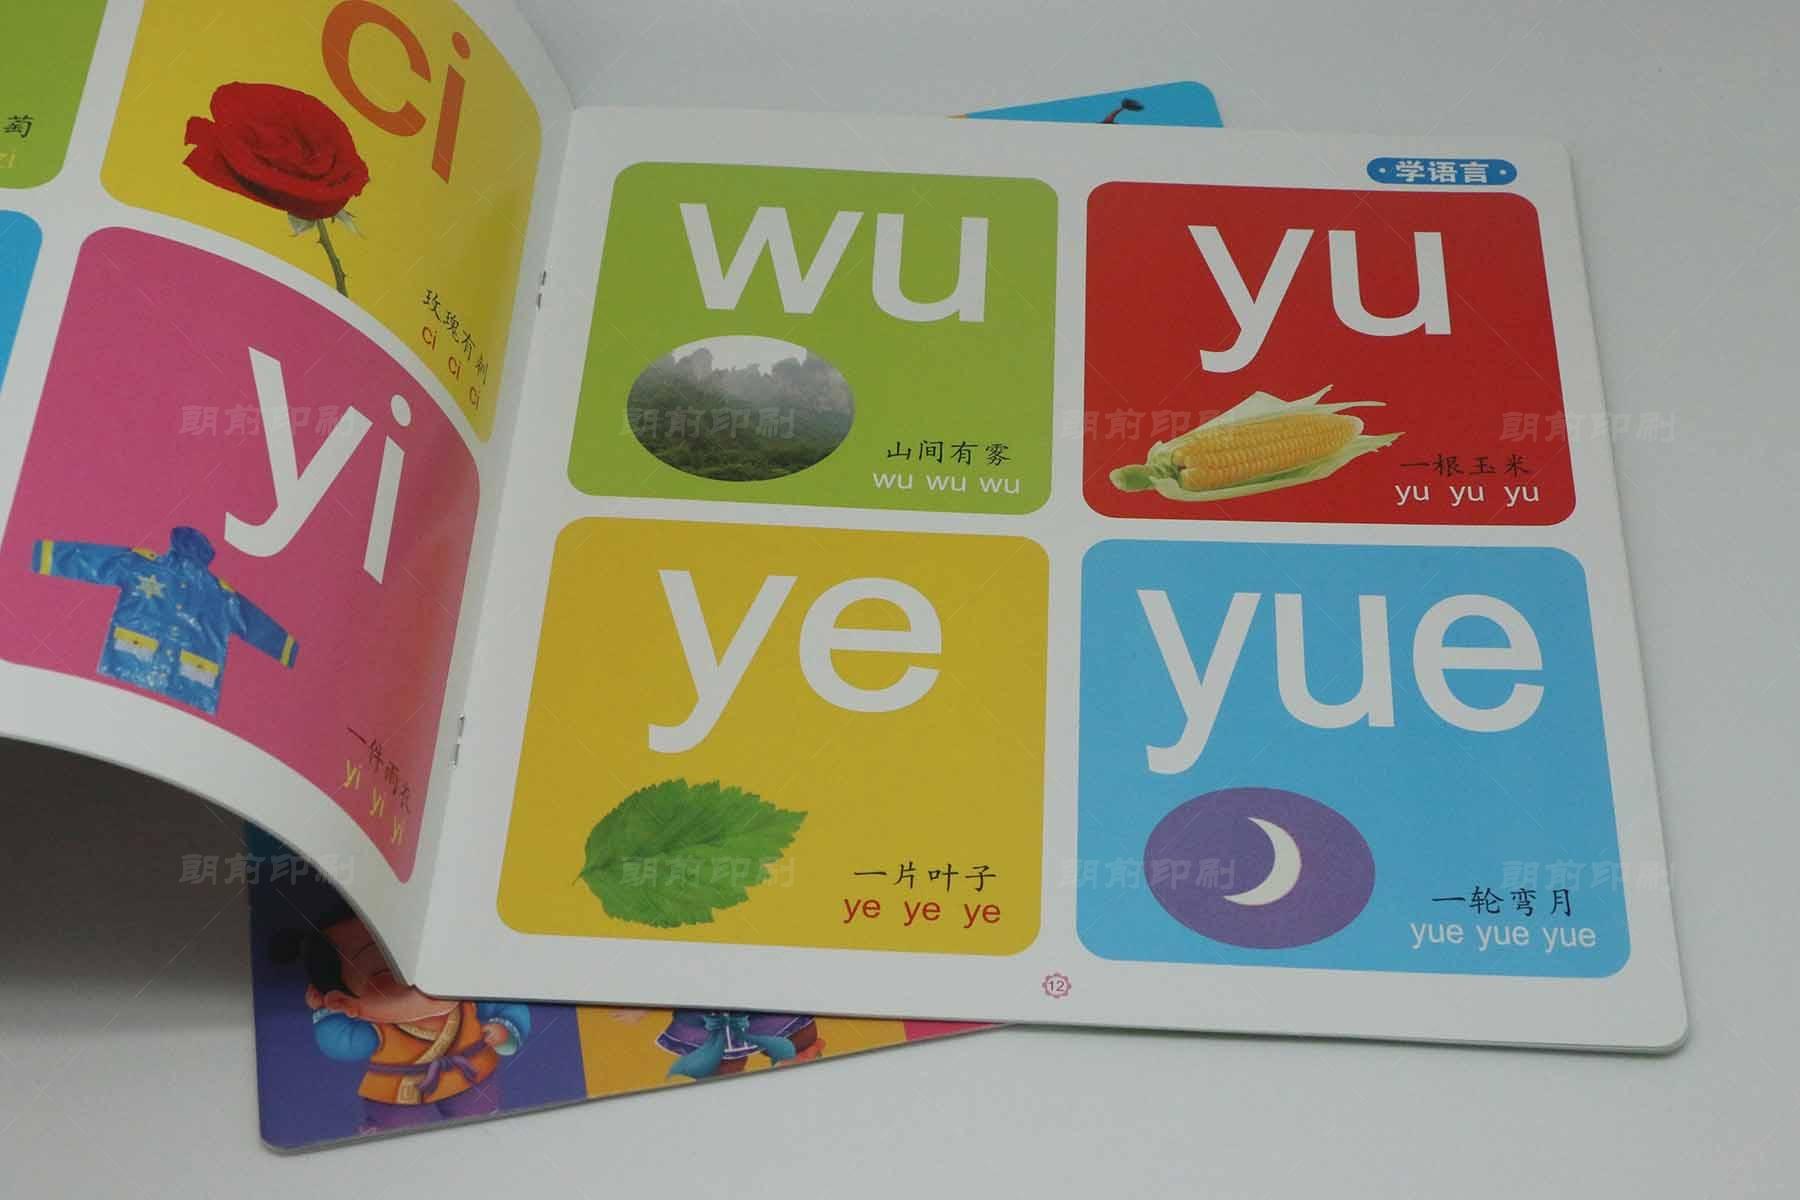 广州印刷企业画册费用 广州知名画册印刷制作公司电话